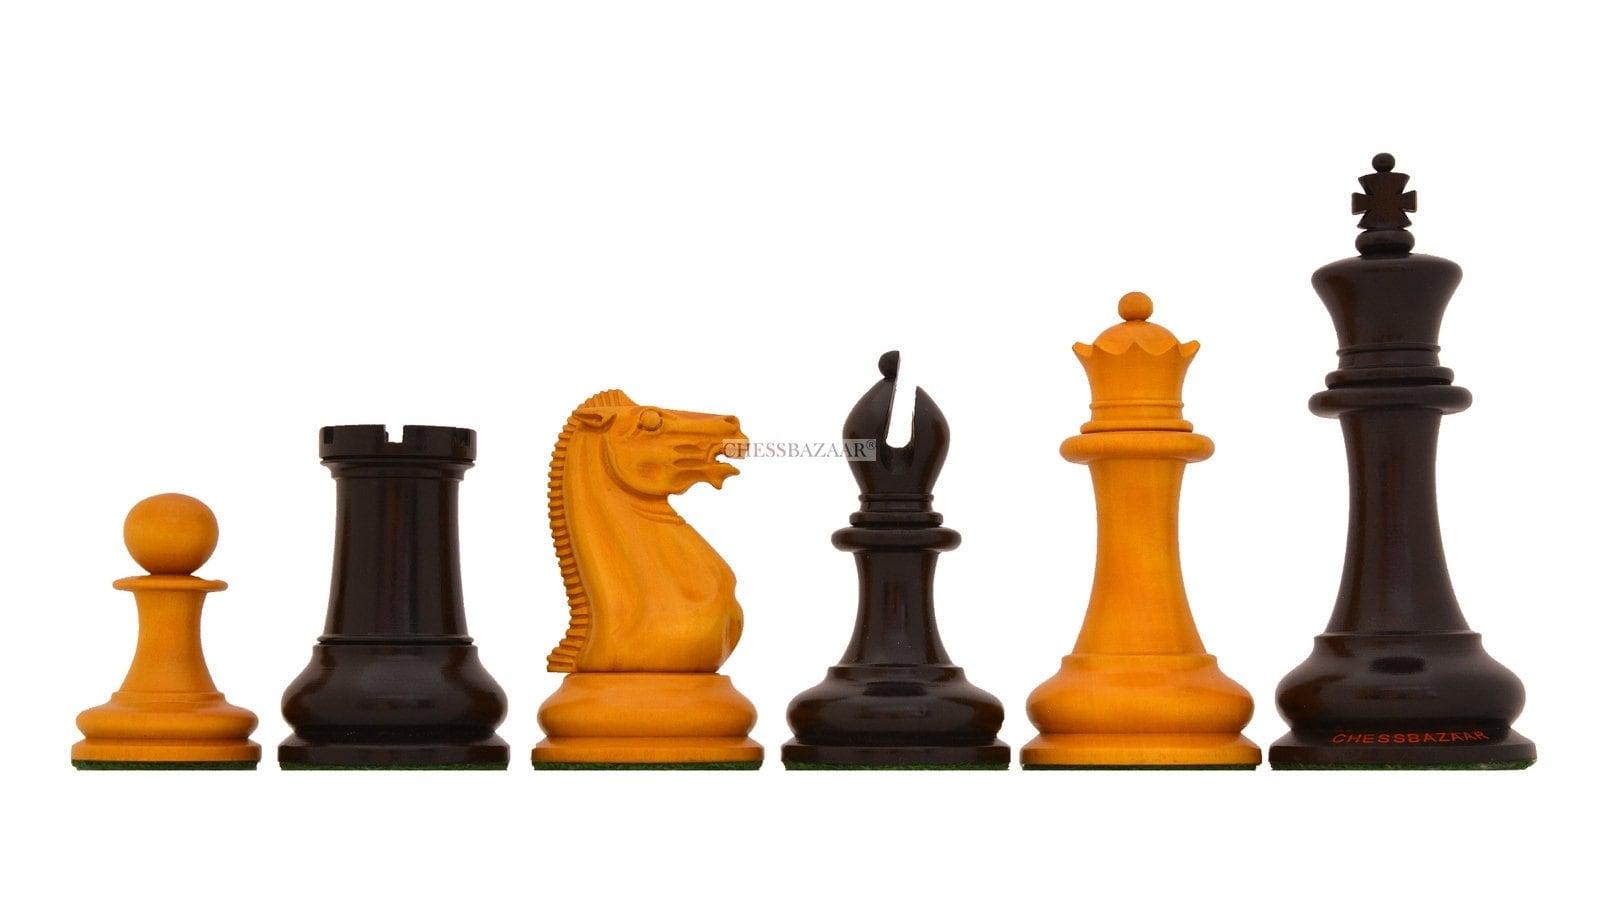 Set staunton chess original 1849 Original Repro